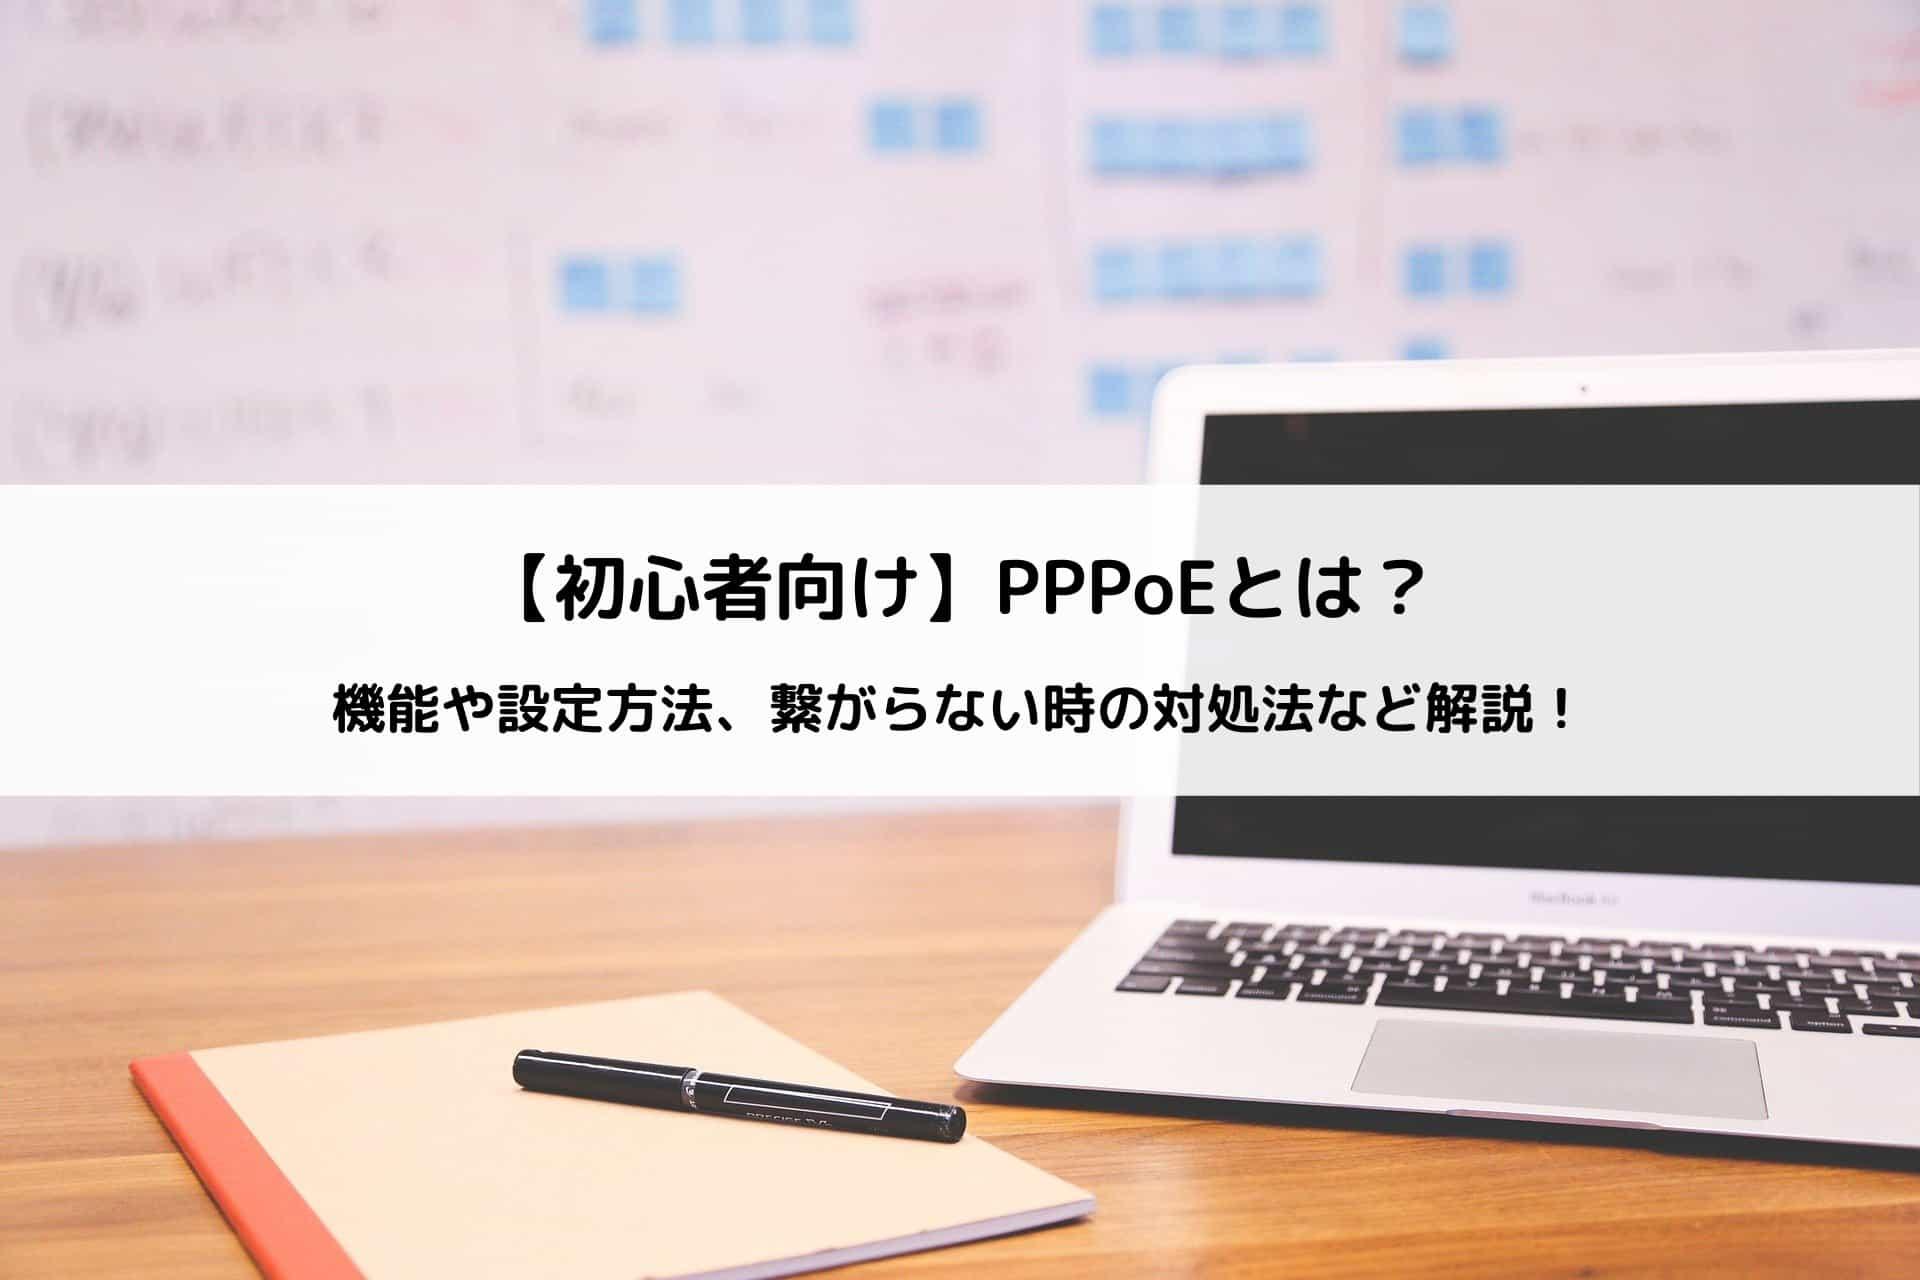 【初心者向け】PPPoEとは?機能や設定方法、繋がらない時の対処法など解説!